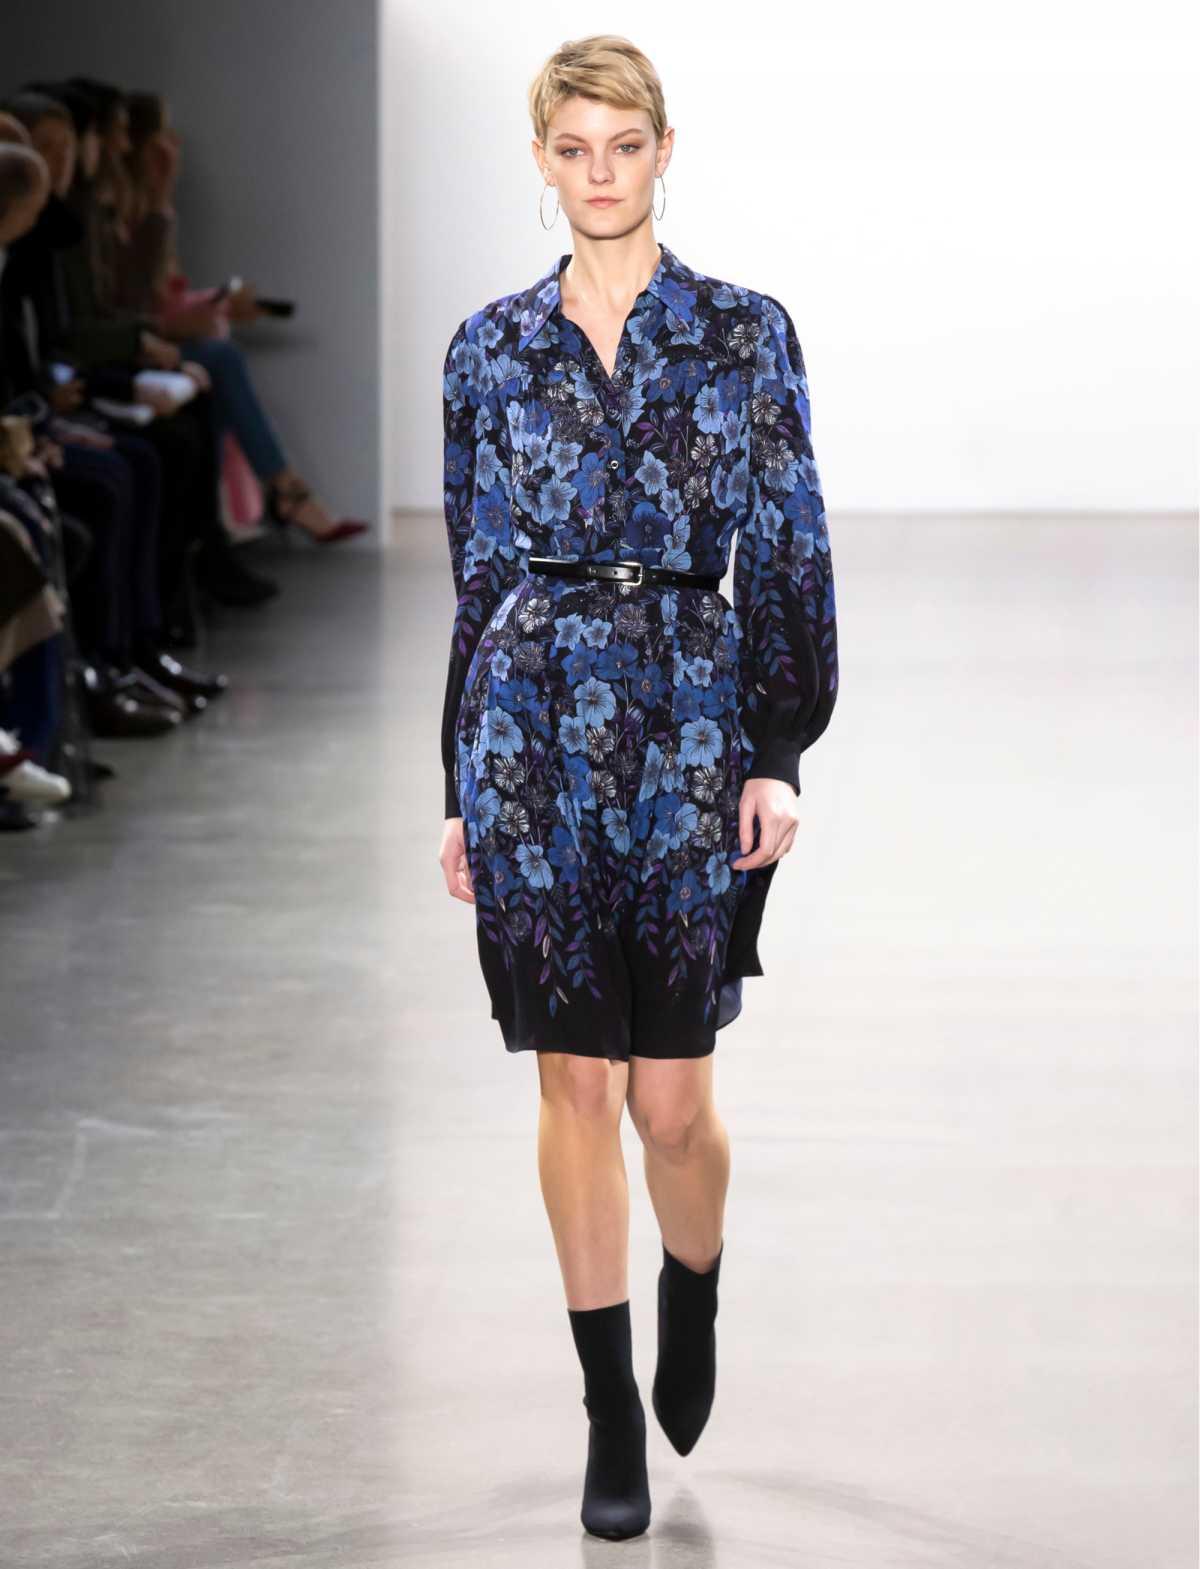 vestido floral azul com botas